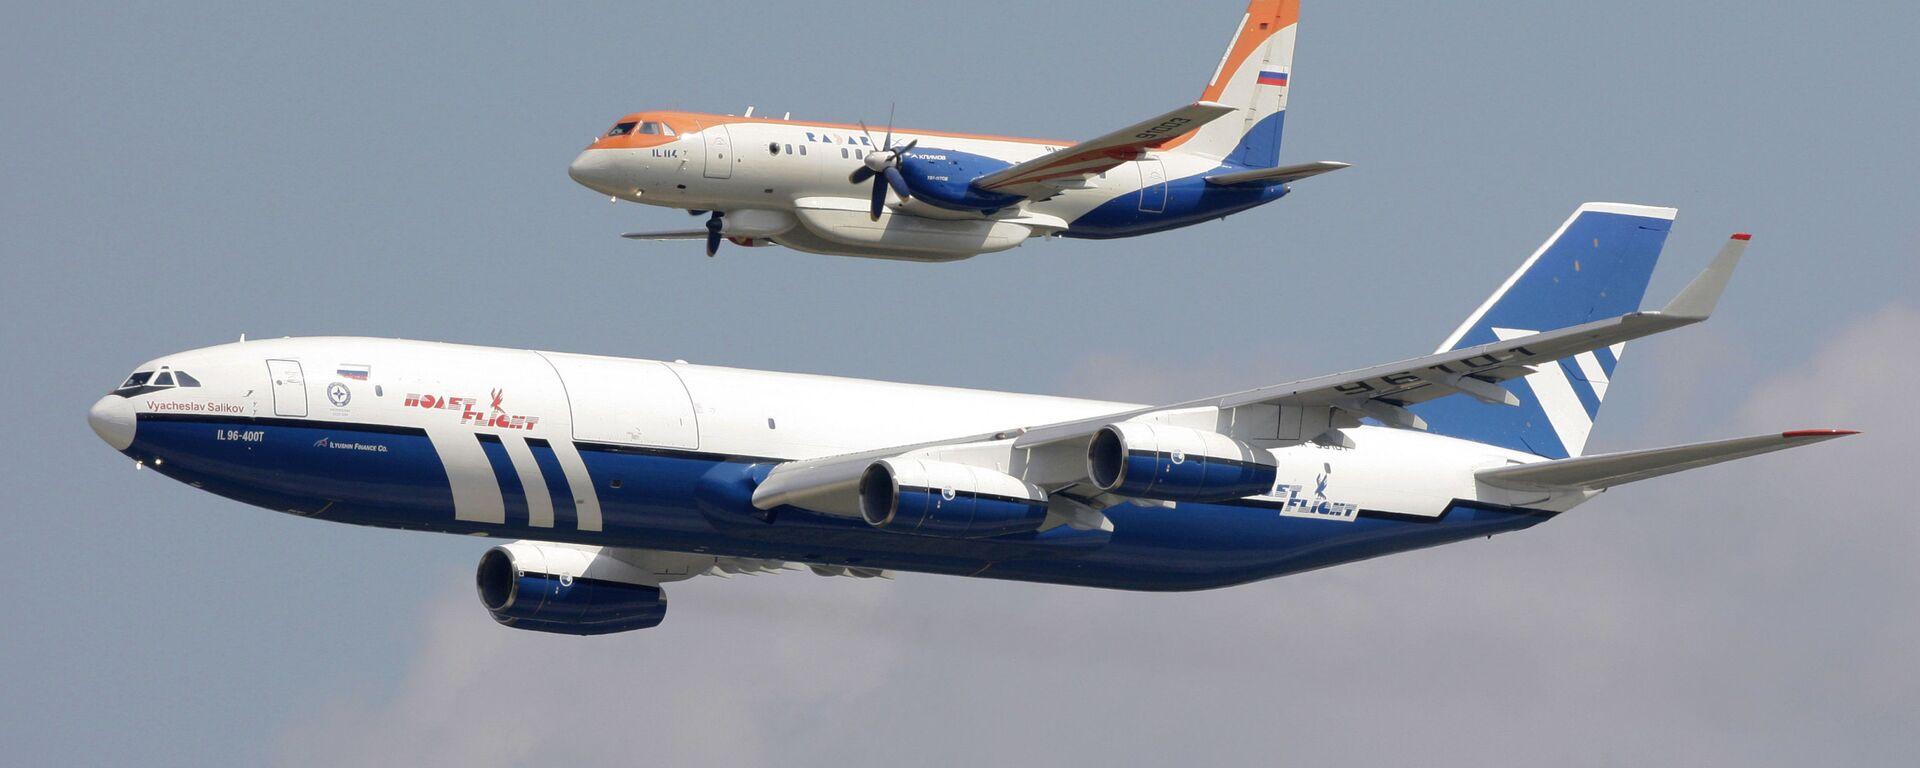 Самолеты: Ил-96-400Т (на первом плане) и Ил-114 - Sputnik Грузия, 1920, 28.07.2021